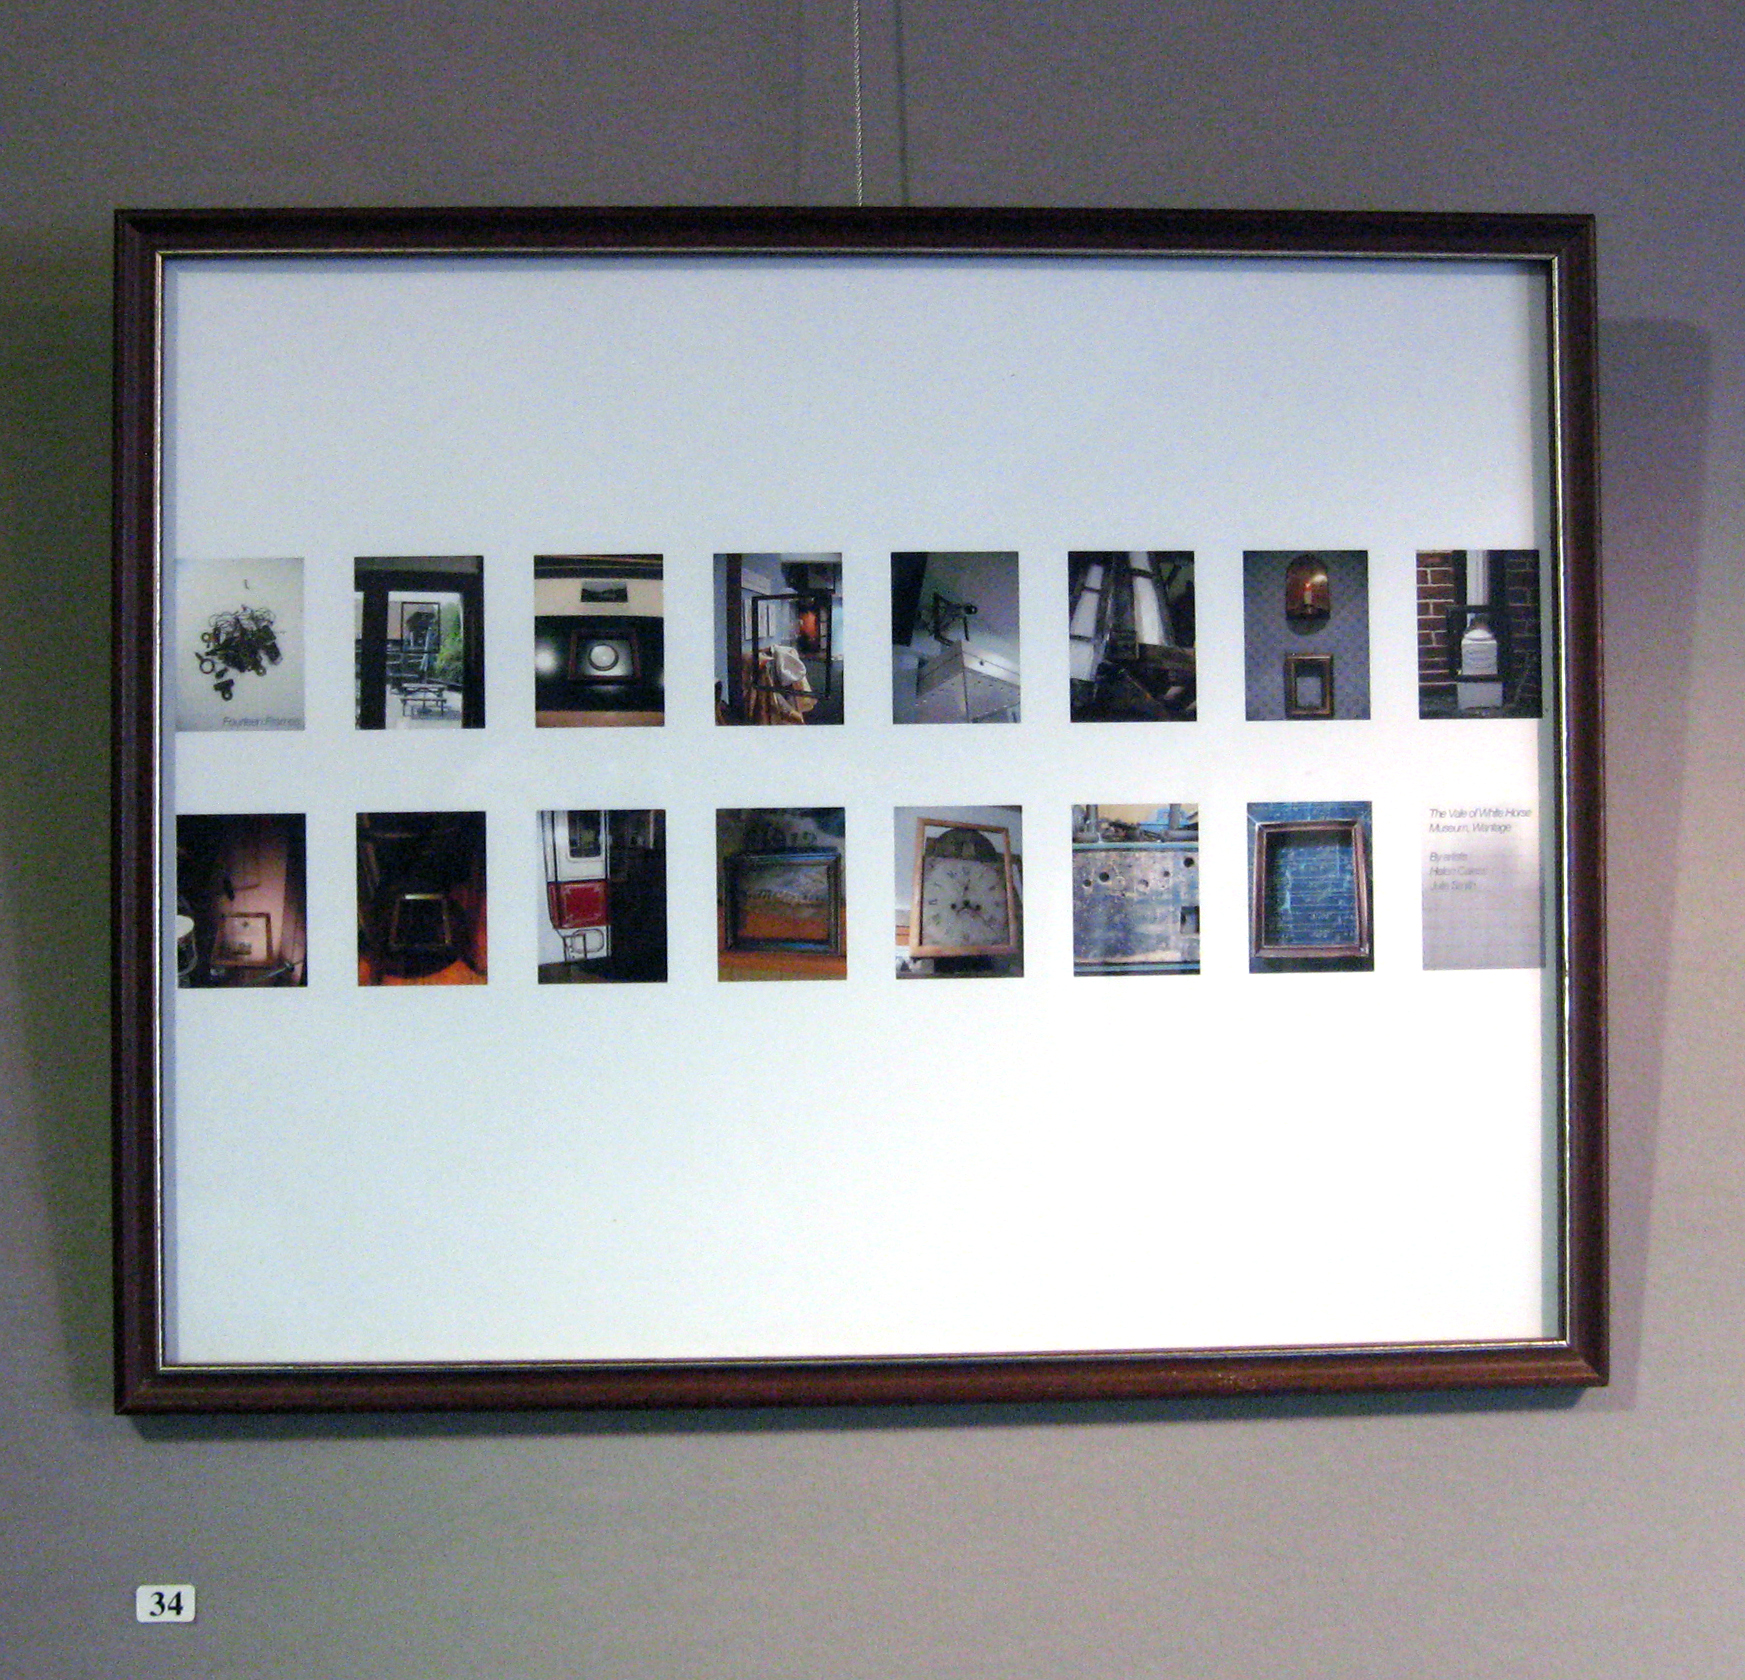 Fourteen Frames, in museum, framed